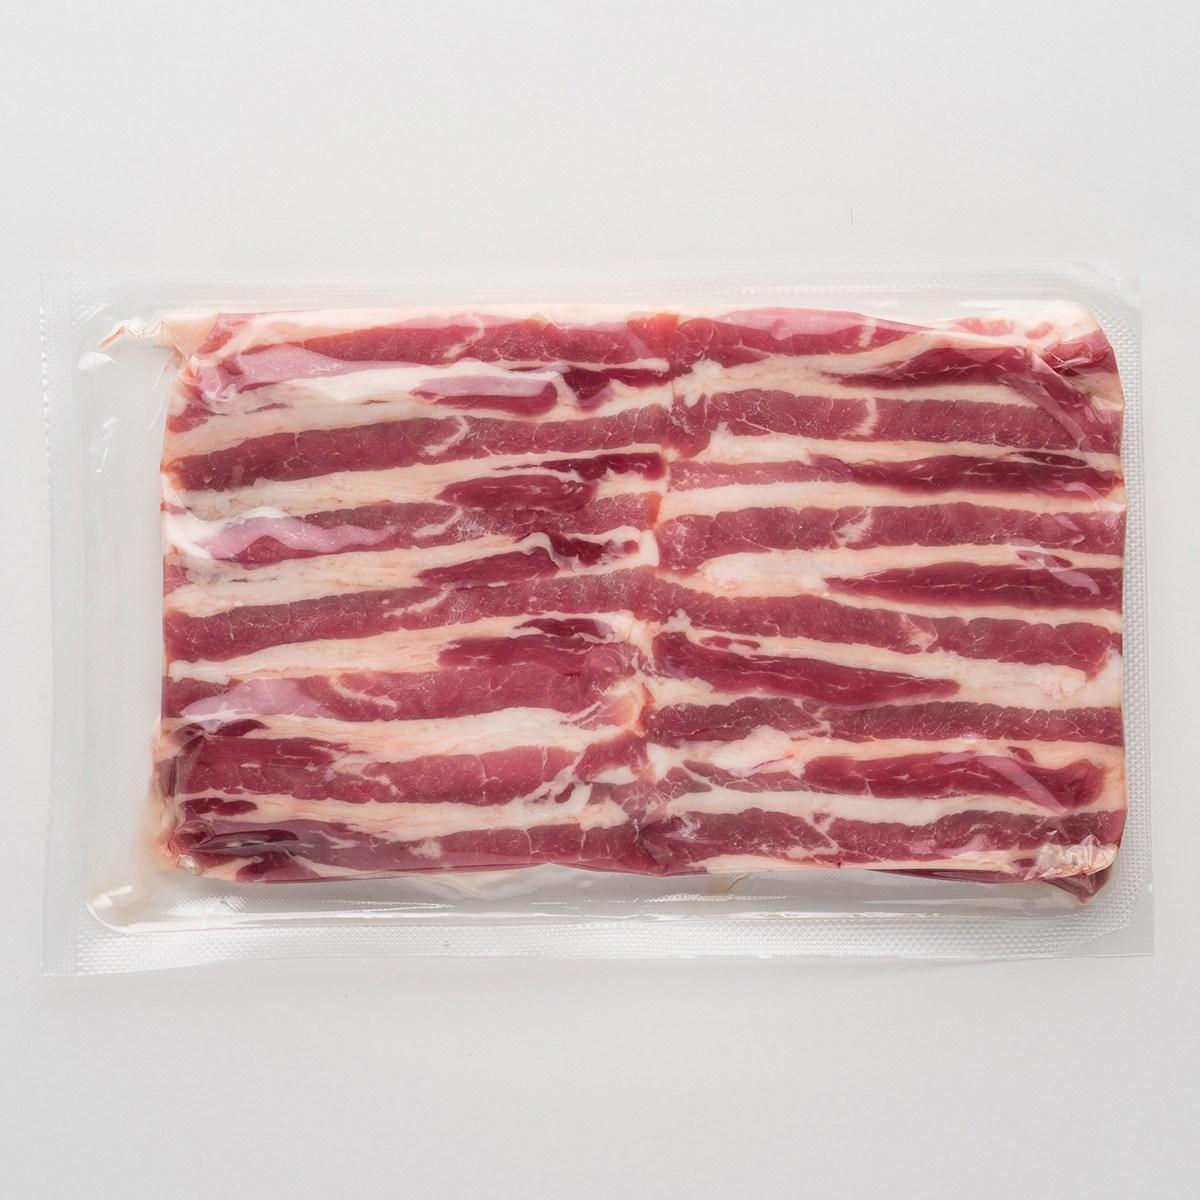 목사골농장 한돈 국내산 돼지 대패삼겹살 600g 냉장, 1개